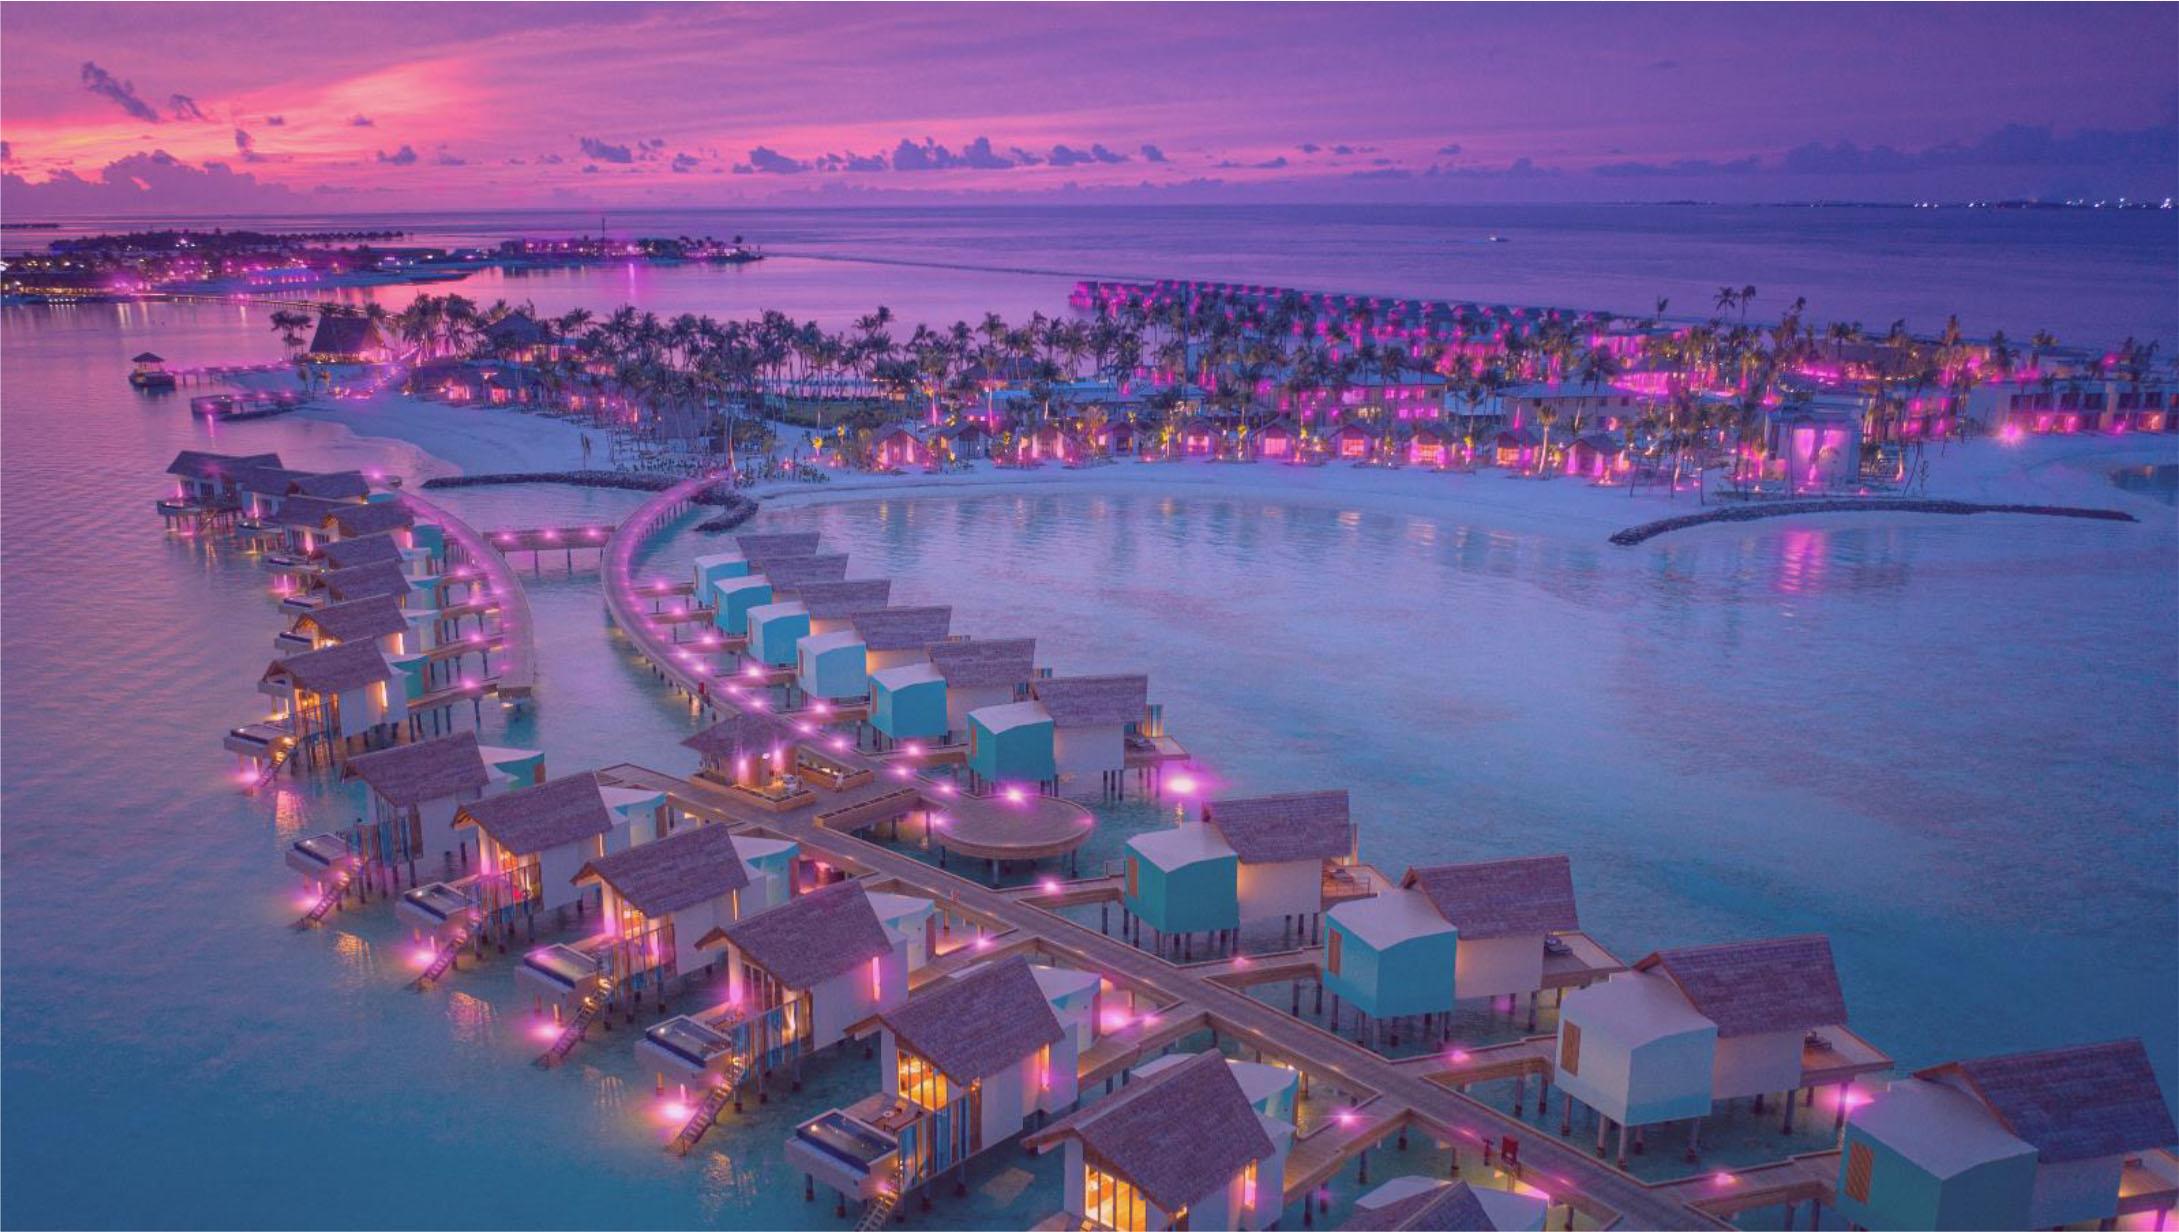 O Hard Rock Hotel Maldives recebe prêmios pela prestigiosa World Travel Awards e oferece tarifas especiais com desconto e upgrades para reservas efetuadas até 30 de novembro de 2020, com estadas até 31 de março de 2022